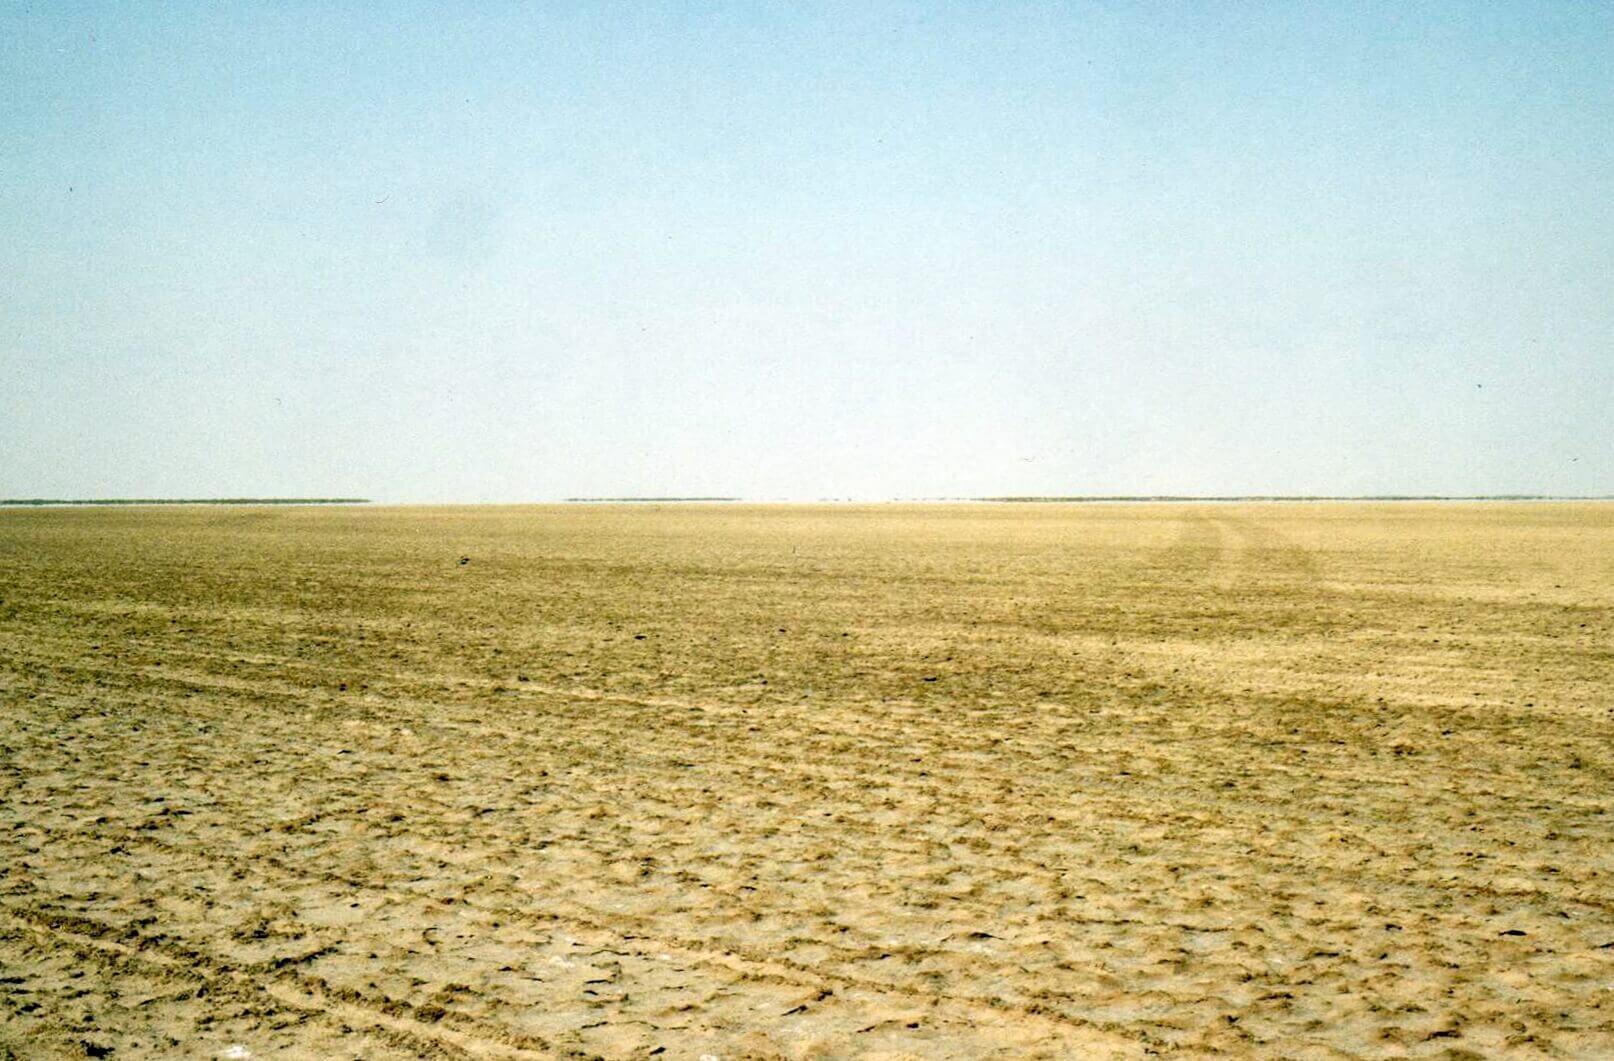 Raid moto 4x4 Tunisie Wild Spot Nefta El Faouar Chott El Djerid